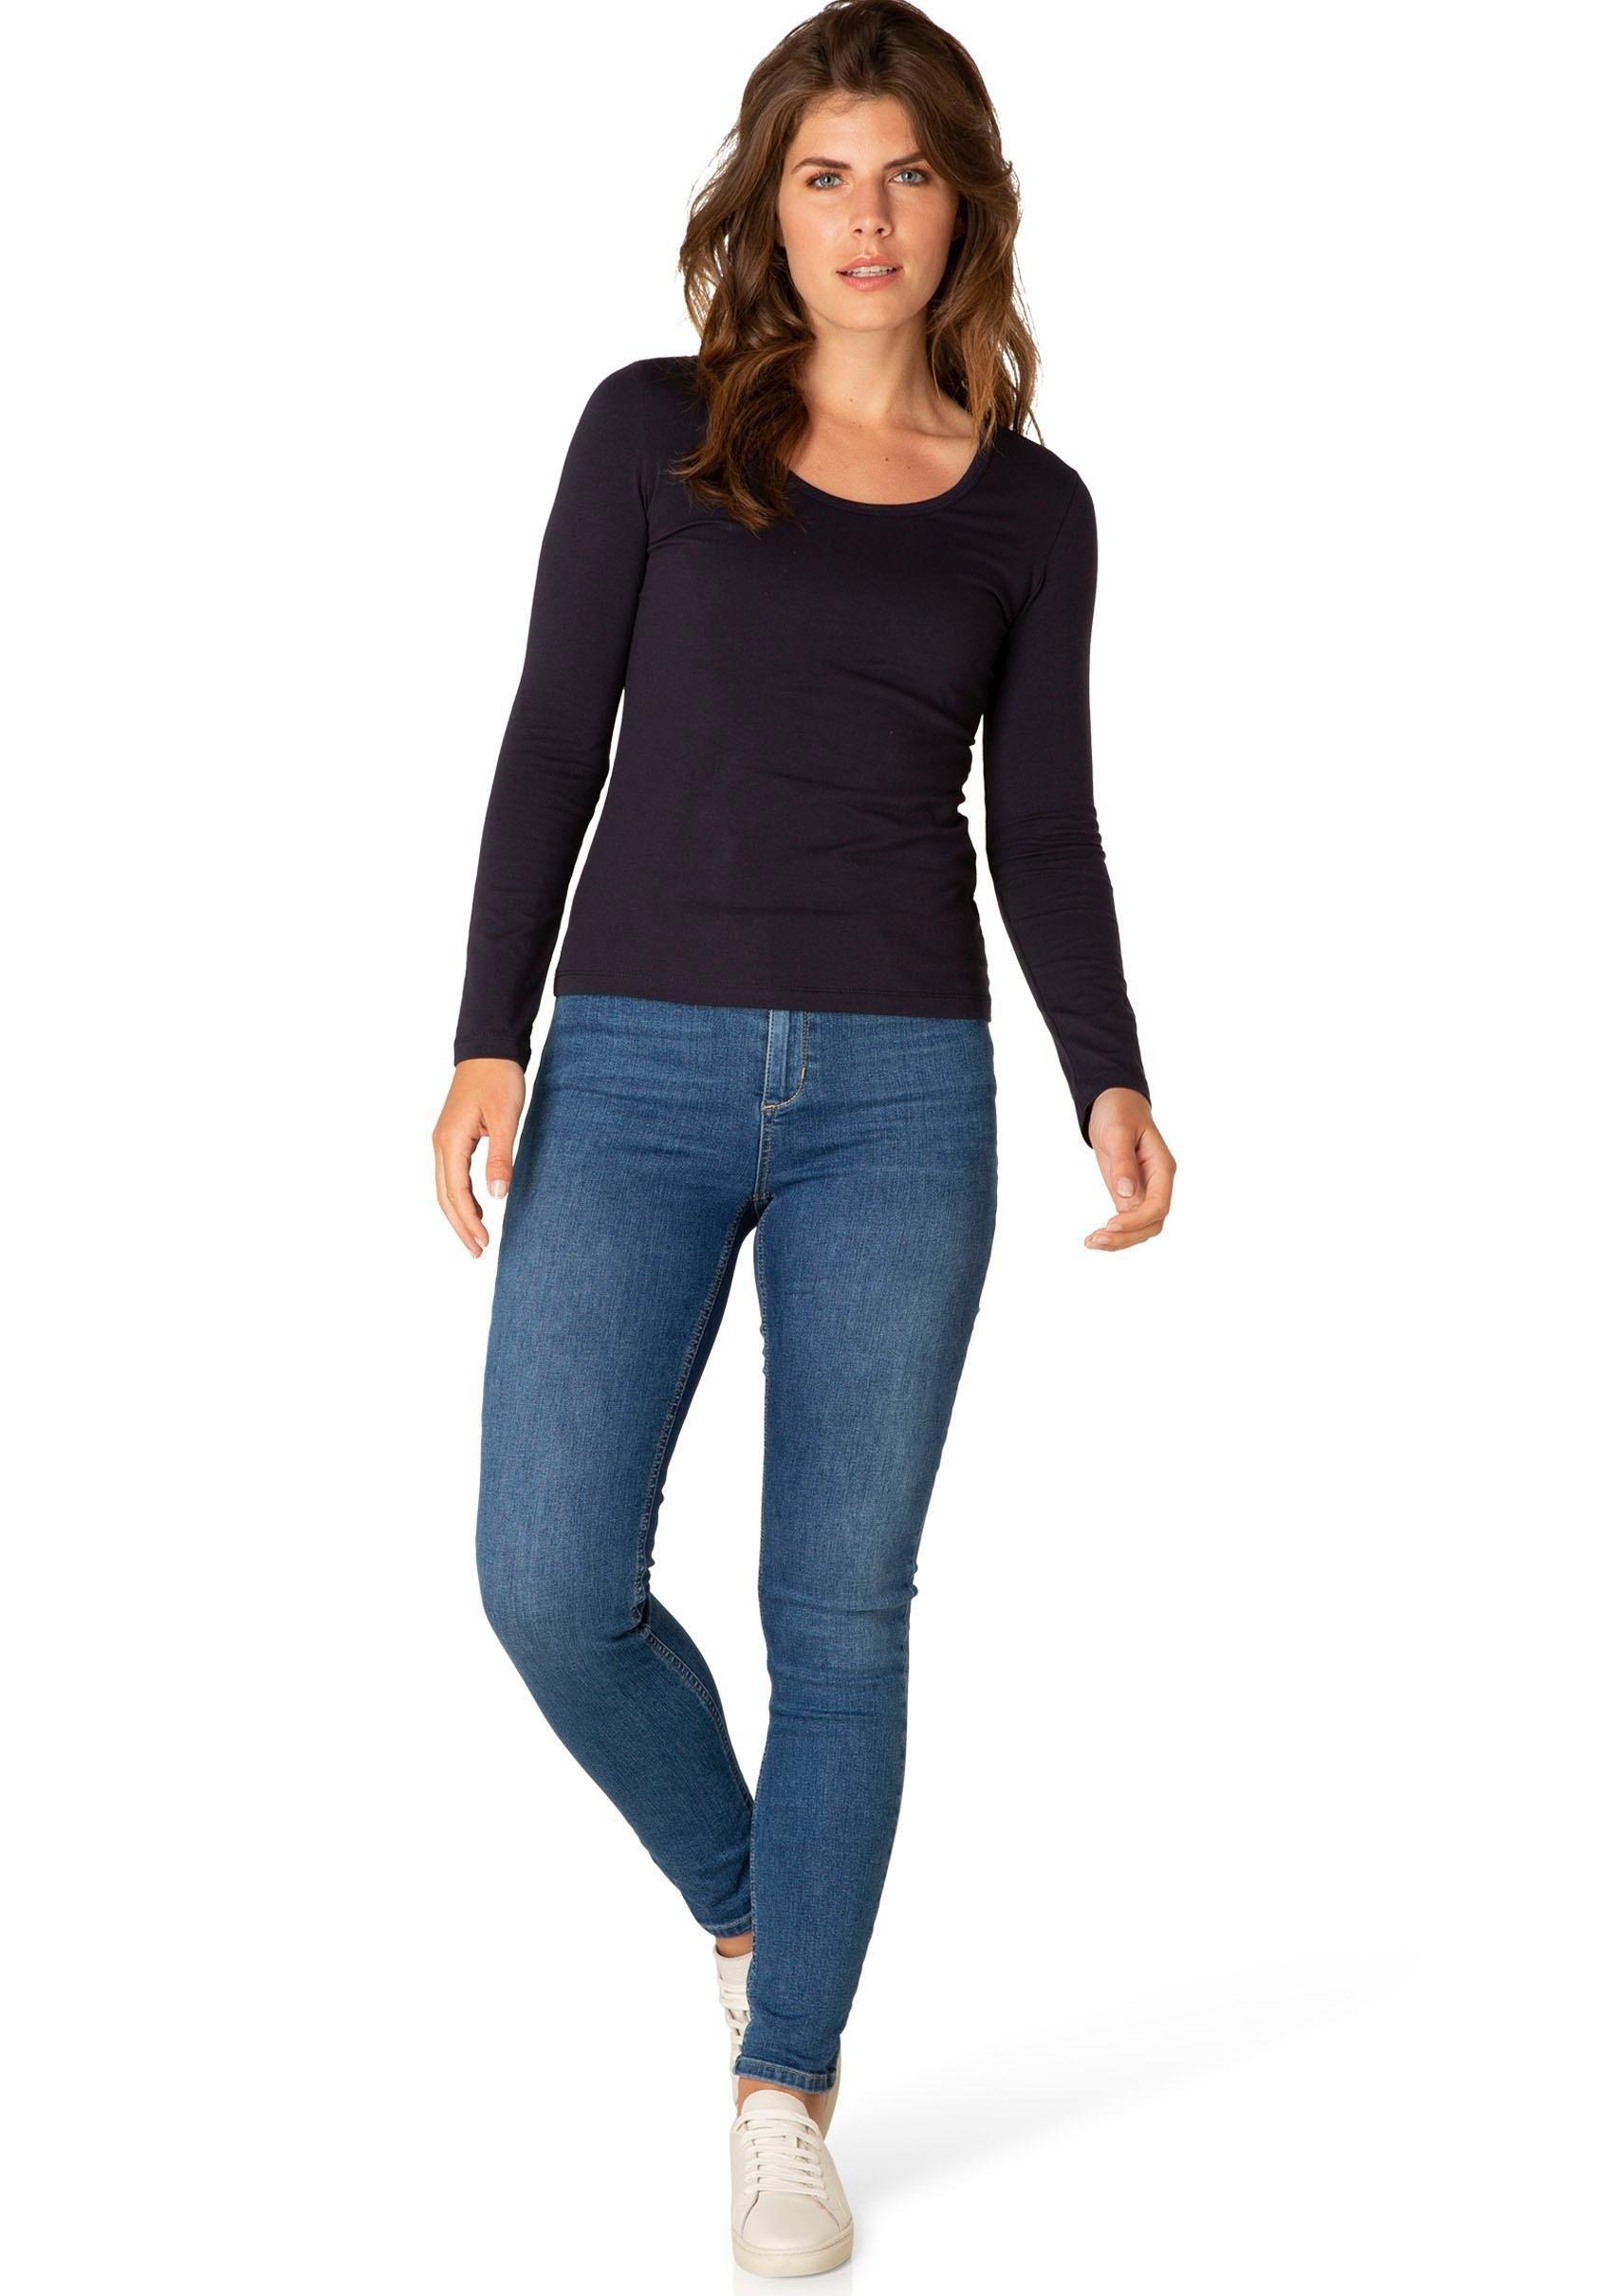 BSIC by Yest shirt met lange mouwen »Yamara« goedkoop op otto.nl kopen